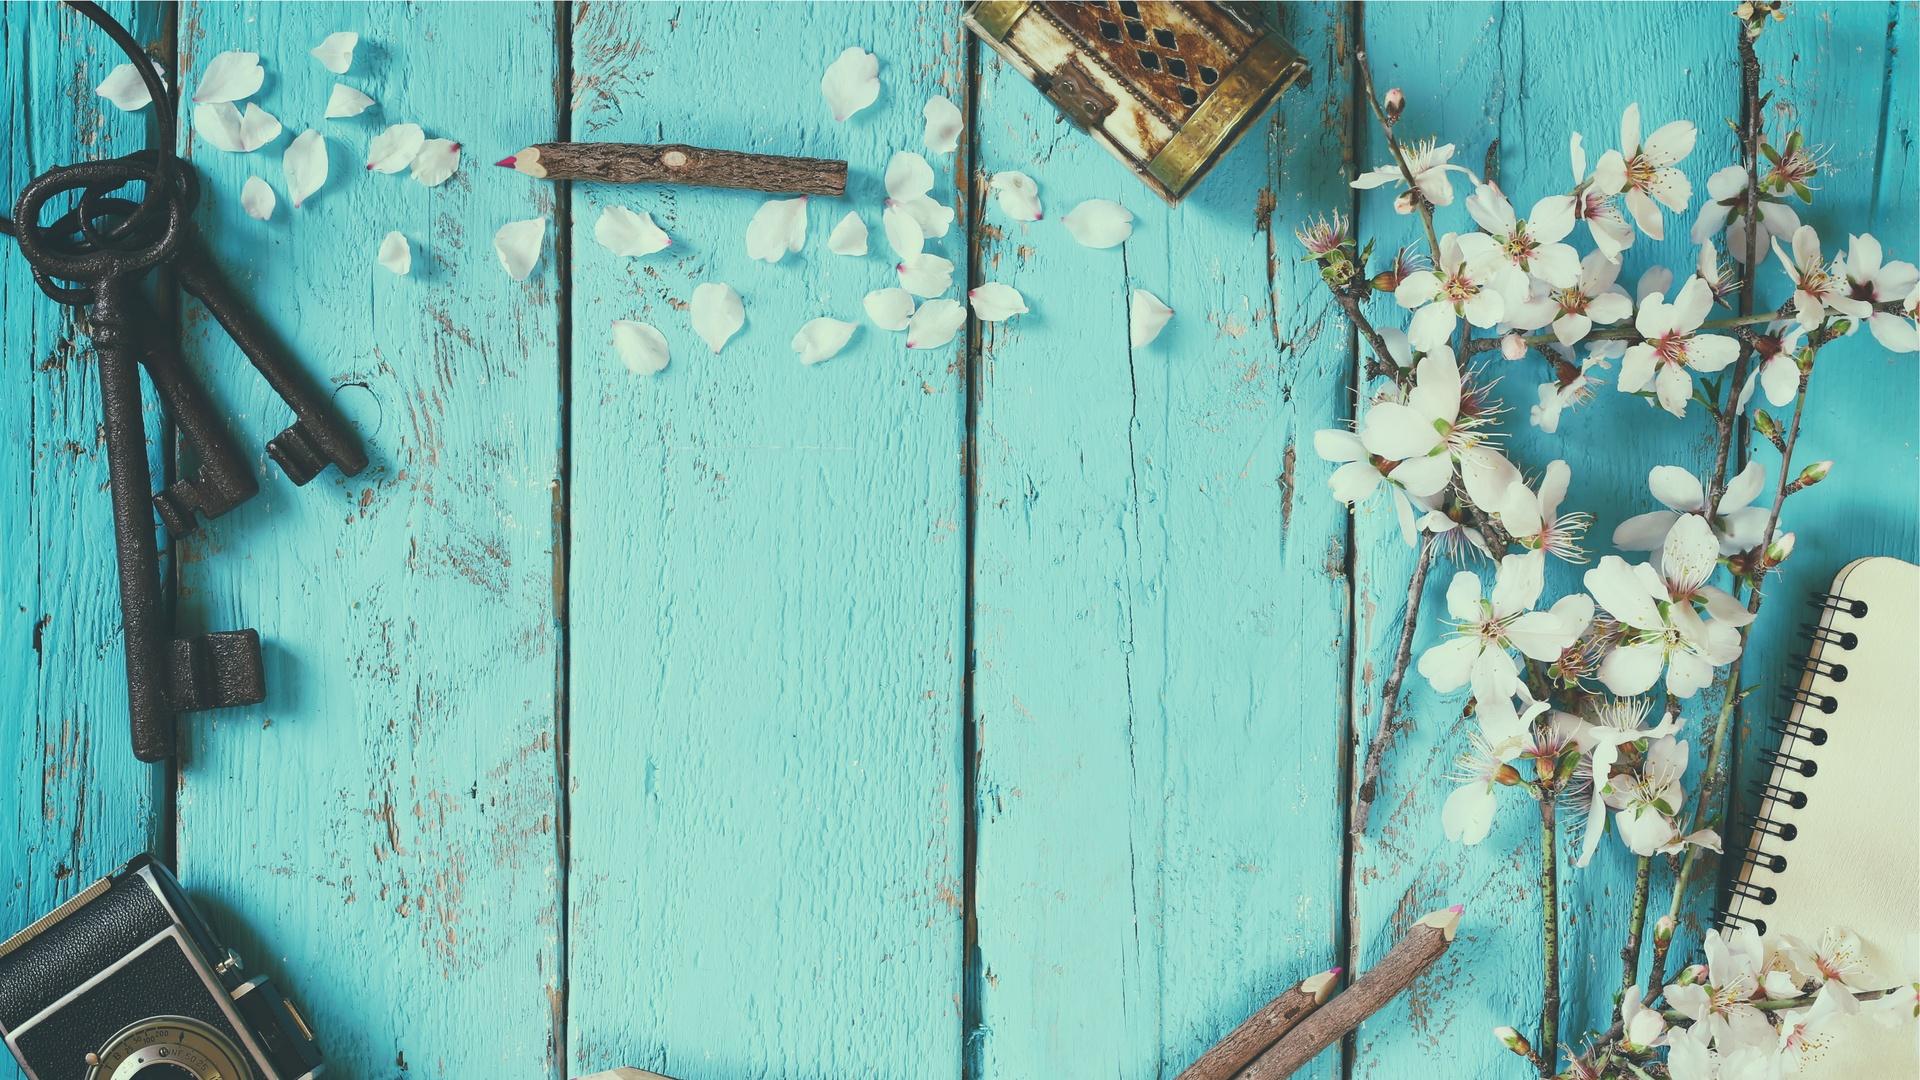 shutterstock_381490609_Wood_keys_flowers-1.jpg